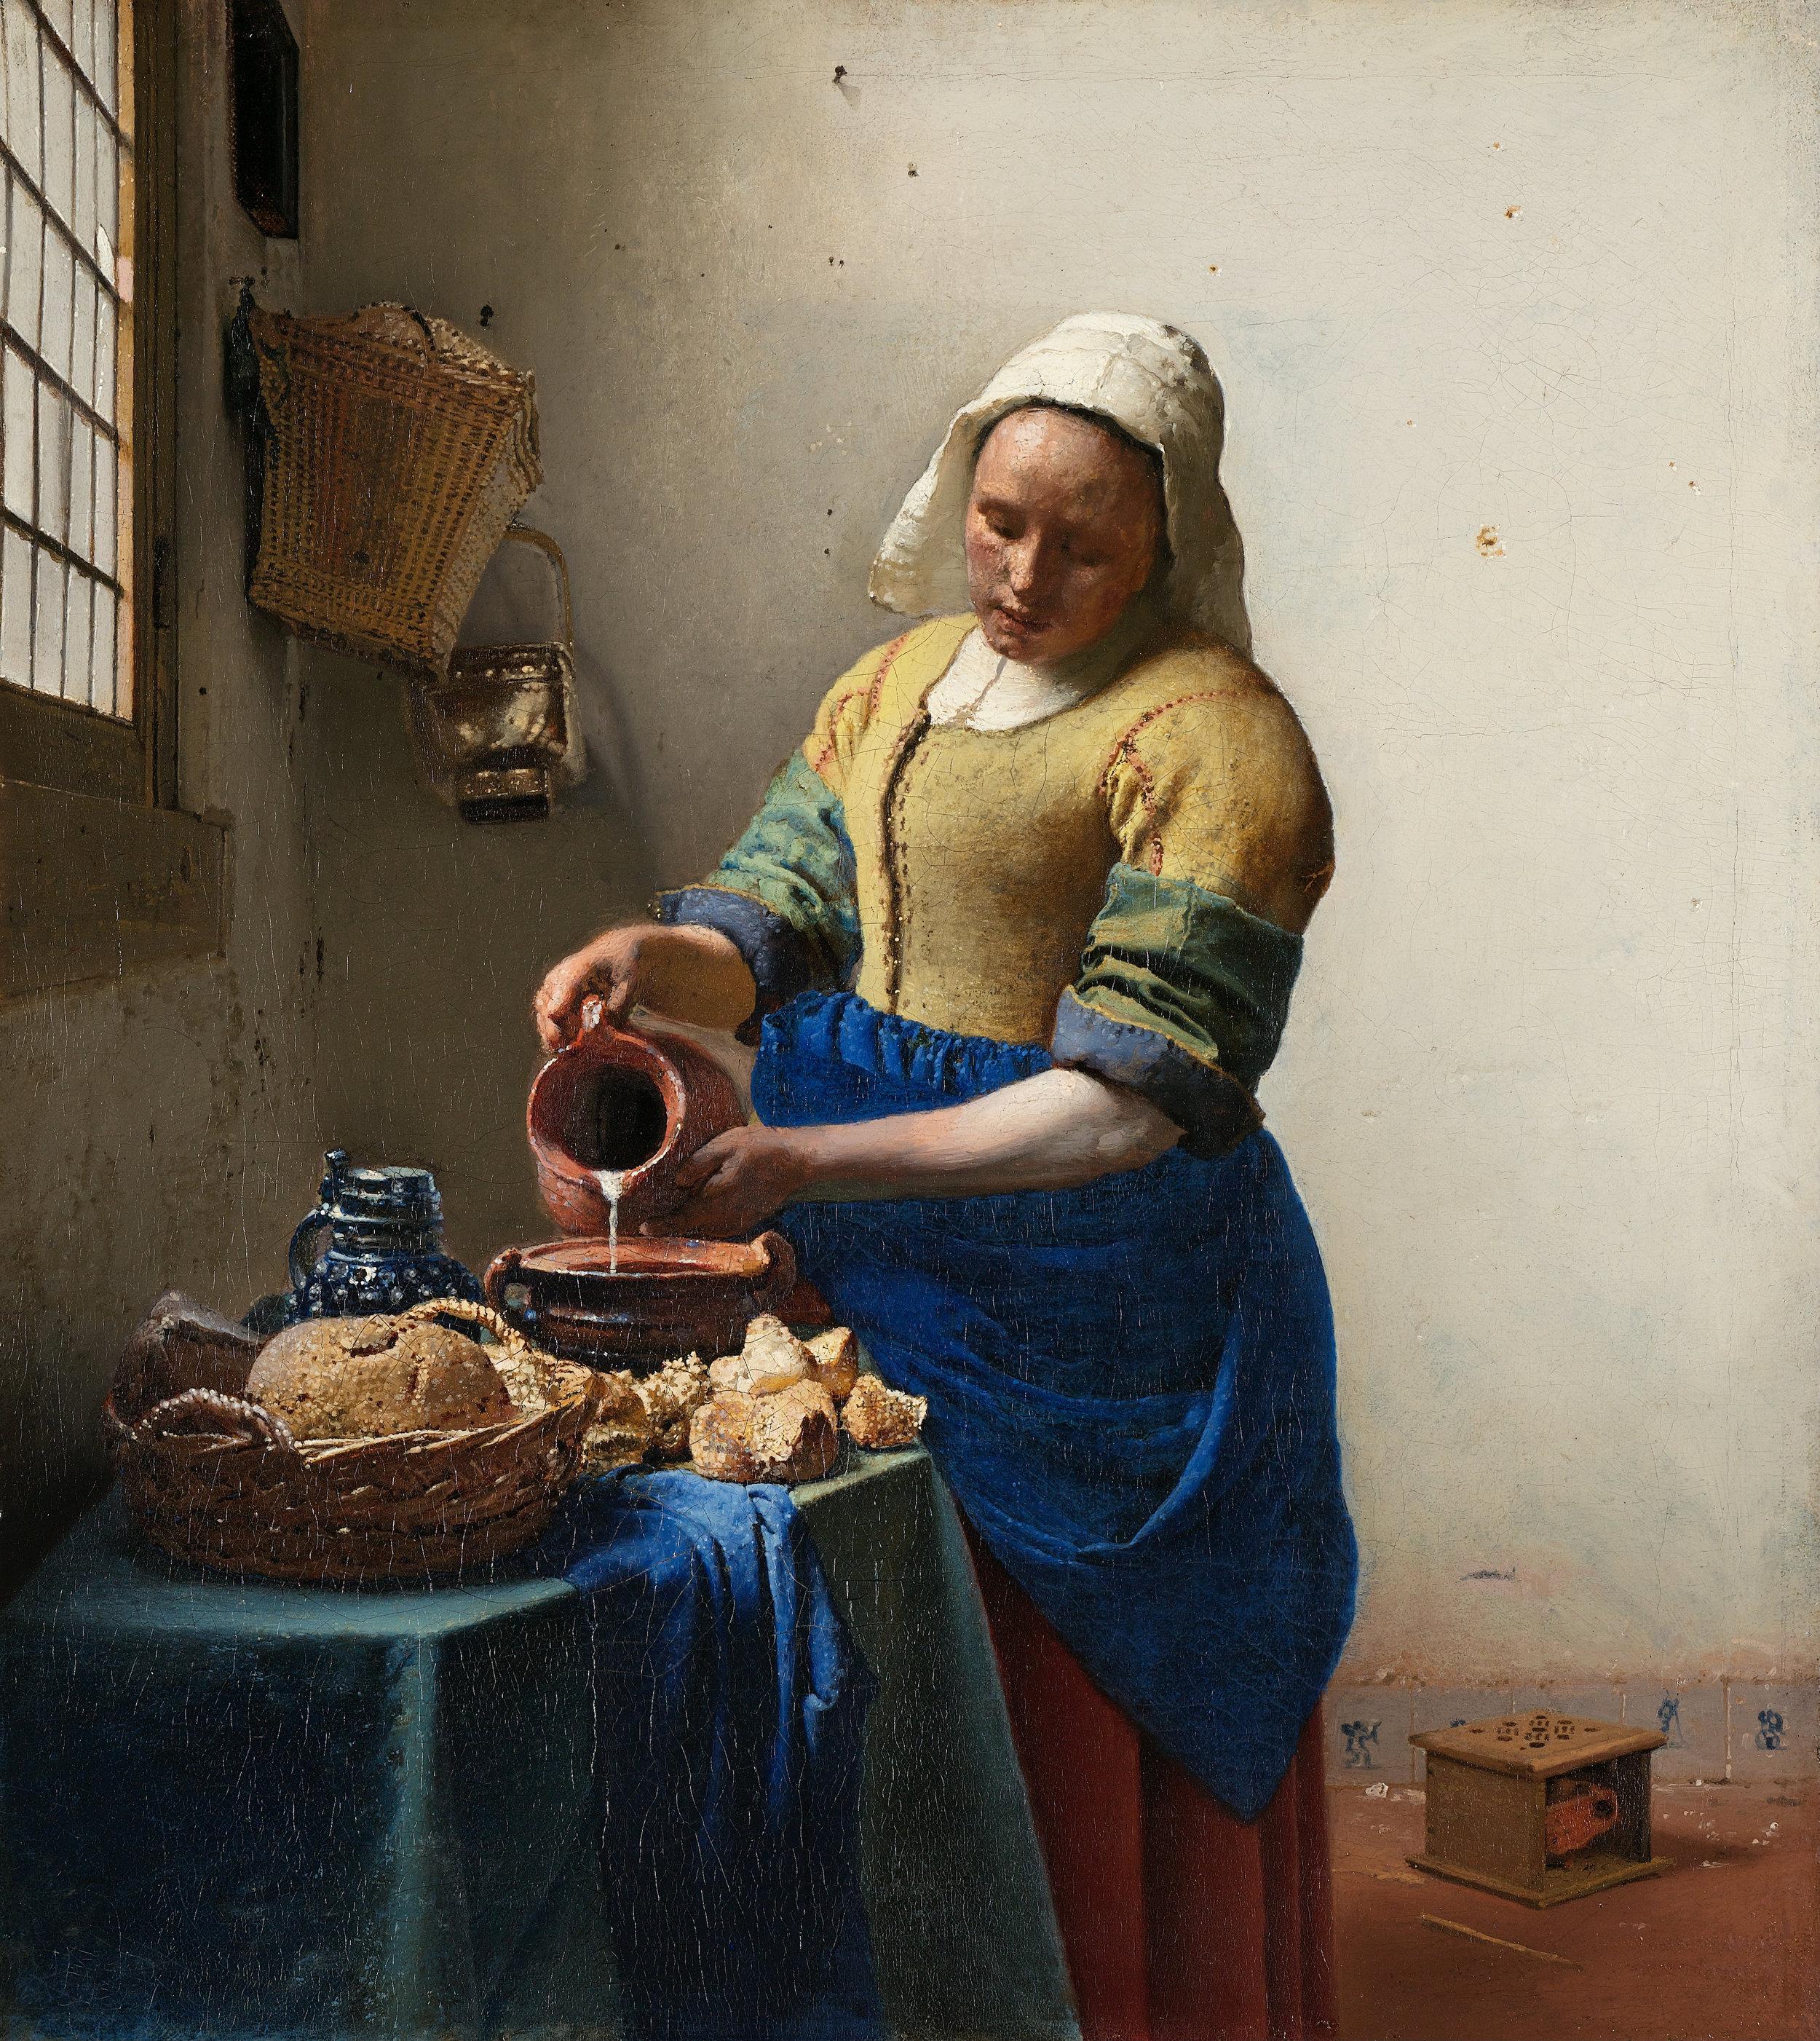 Johannes Vermeer, The Milkmaid, 1657.